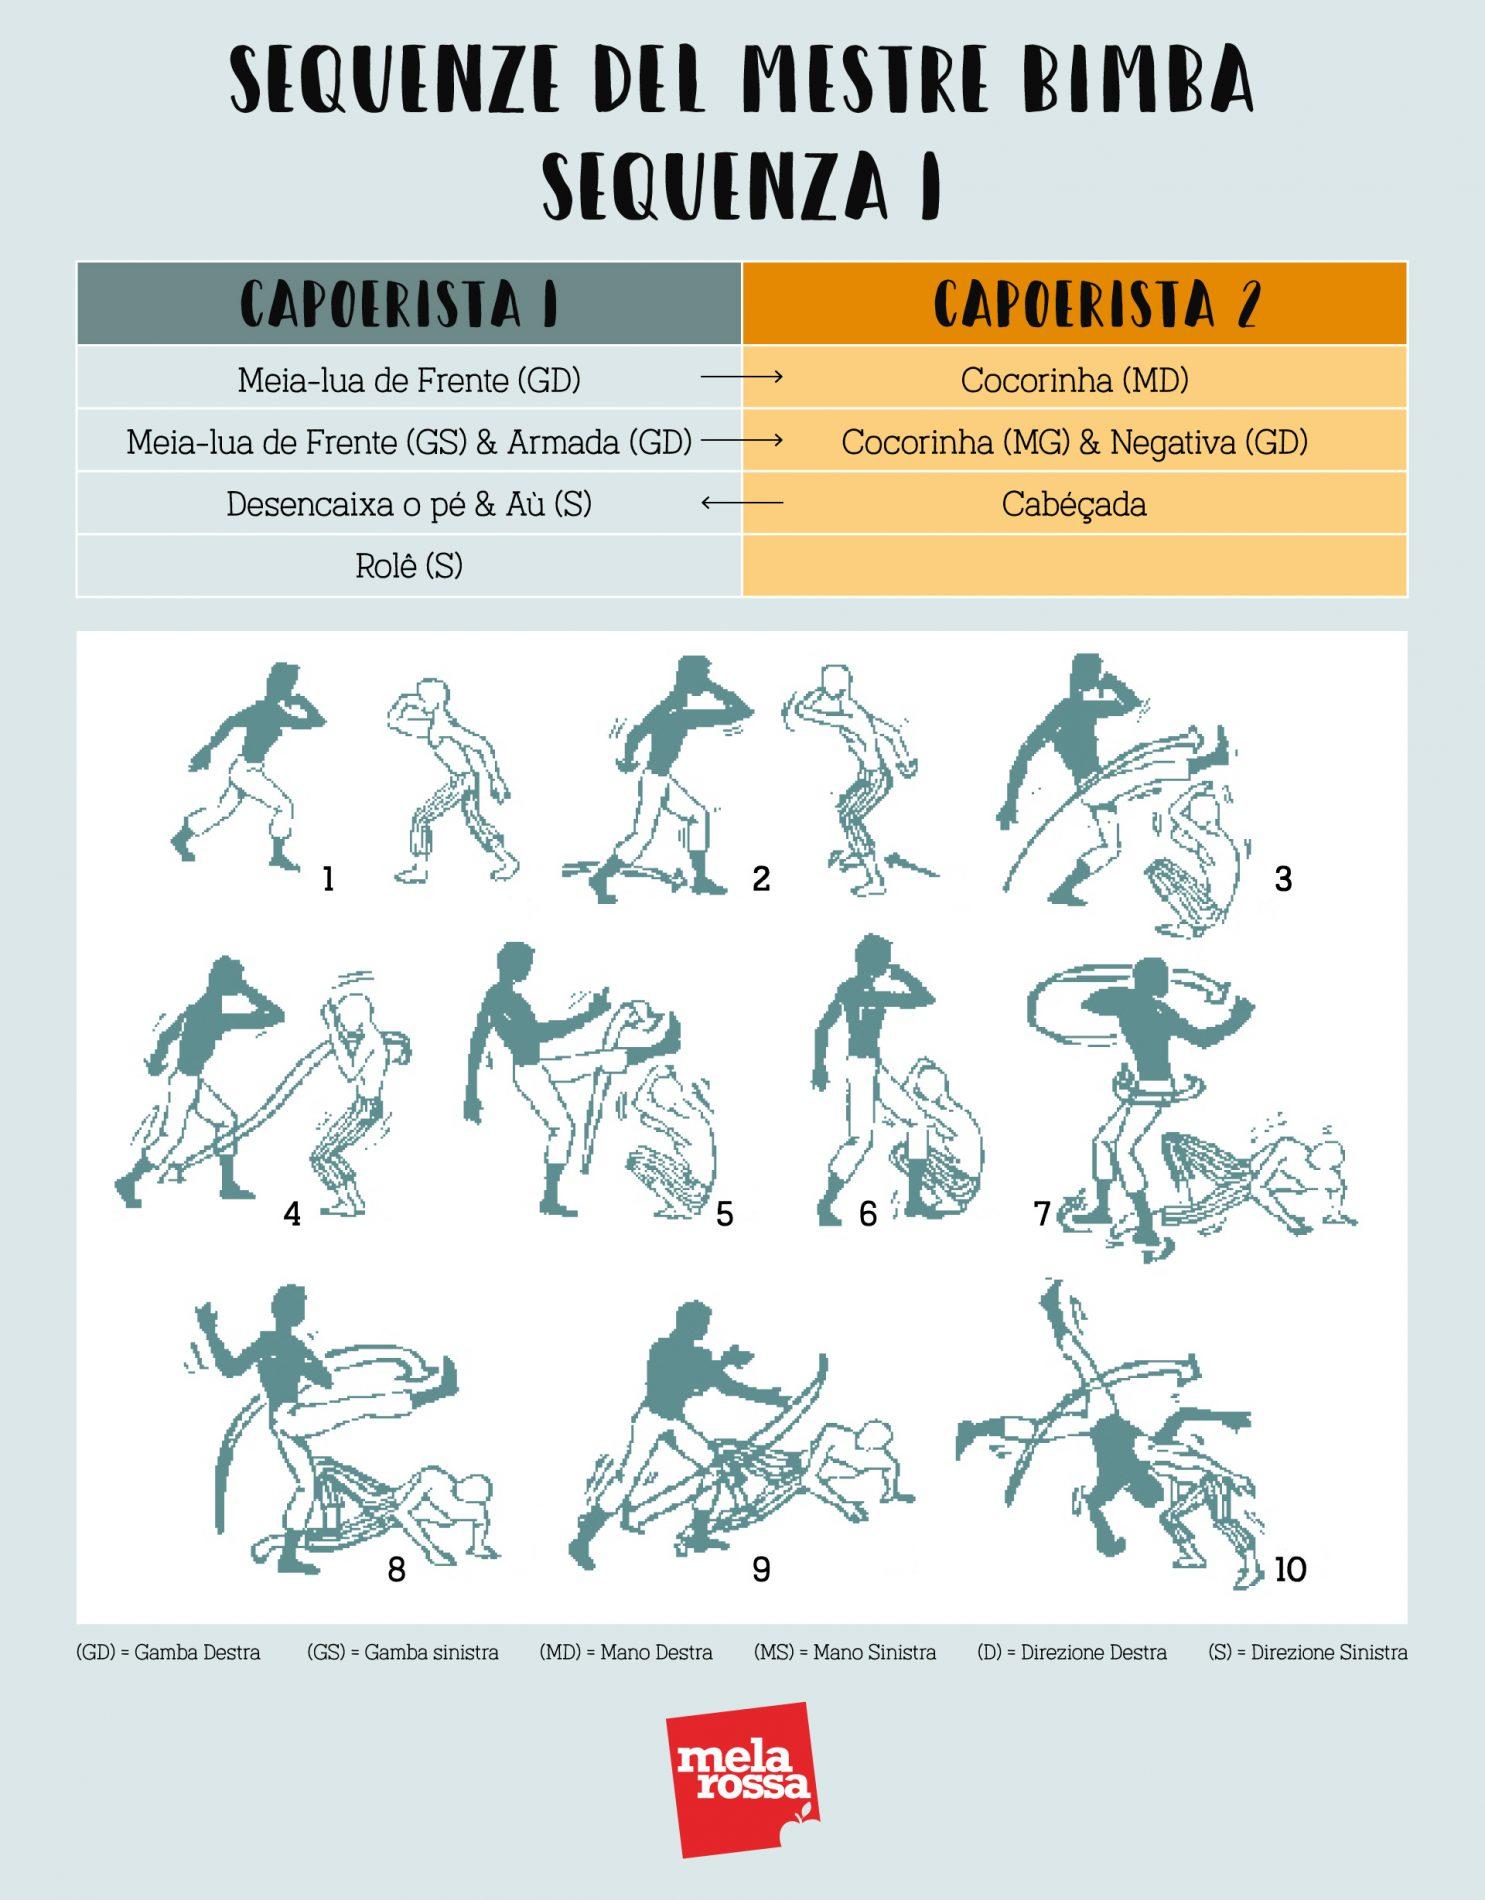 sequenze di allenamento del Mestre Bimba